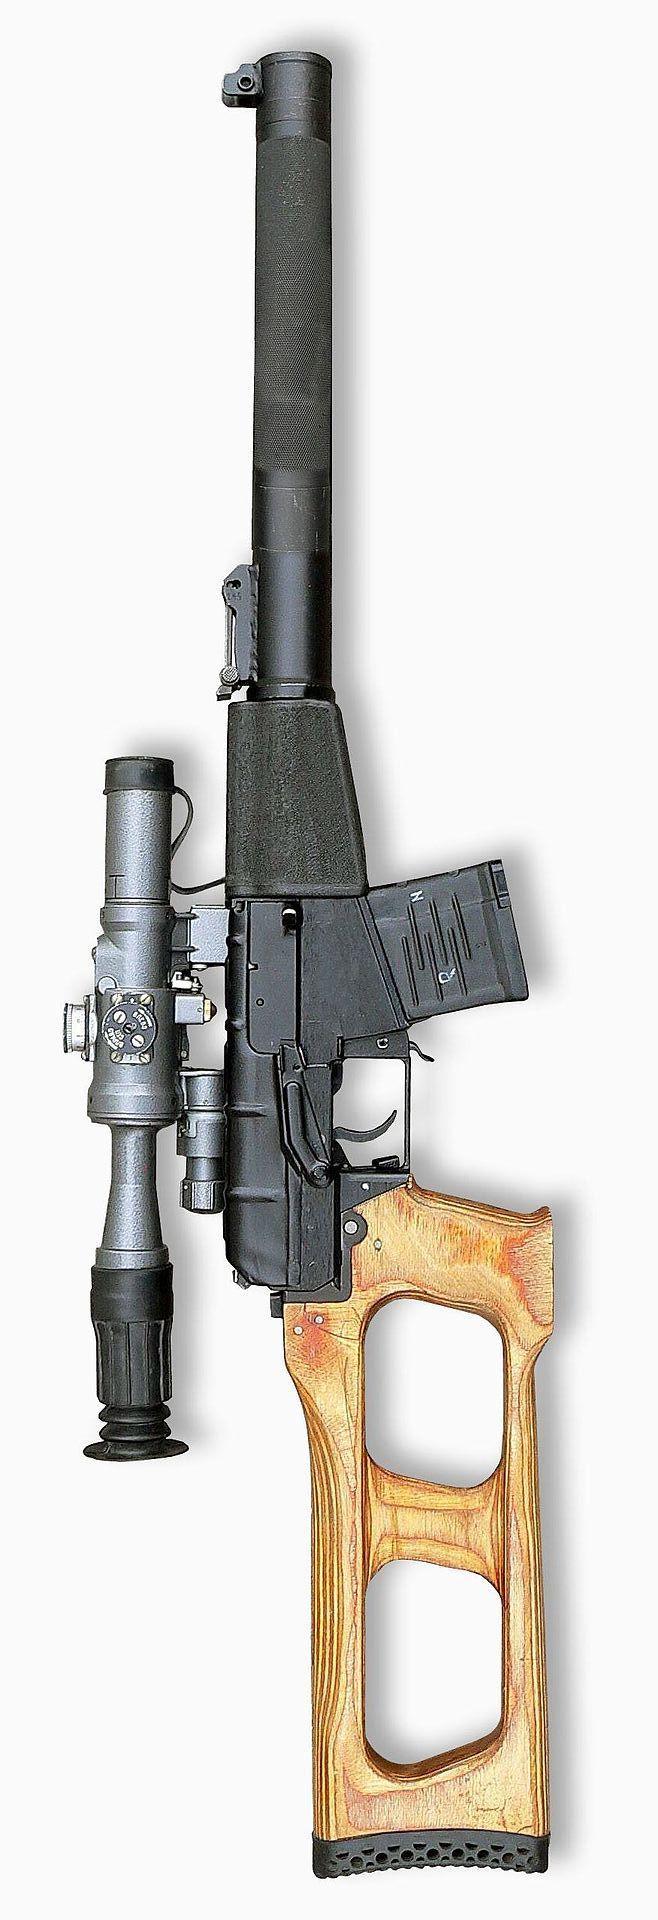 Pin By Fernandocuadros On Guns In 2020 Guns Hand Guns Firearms